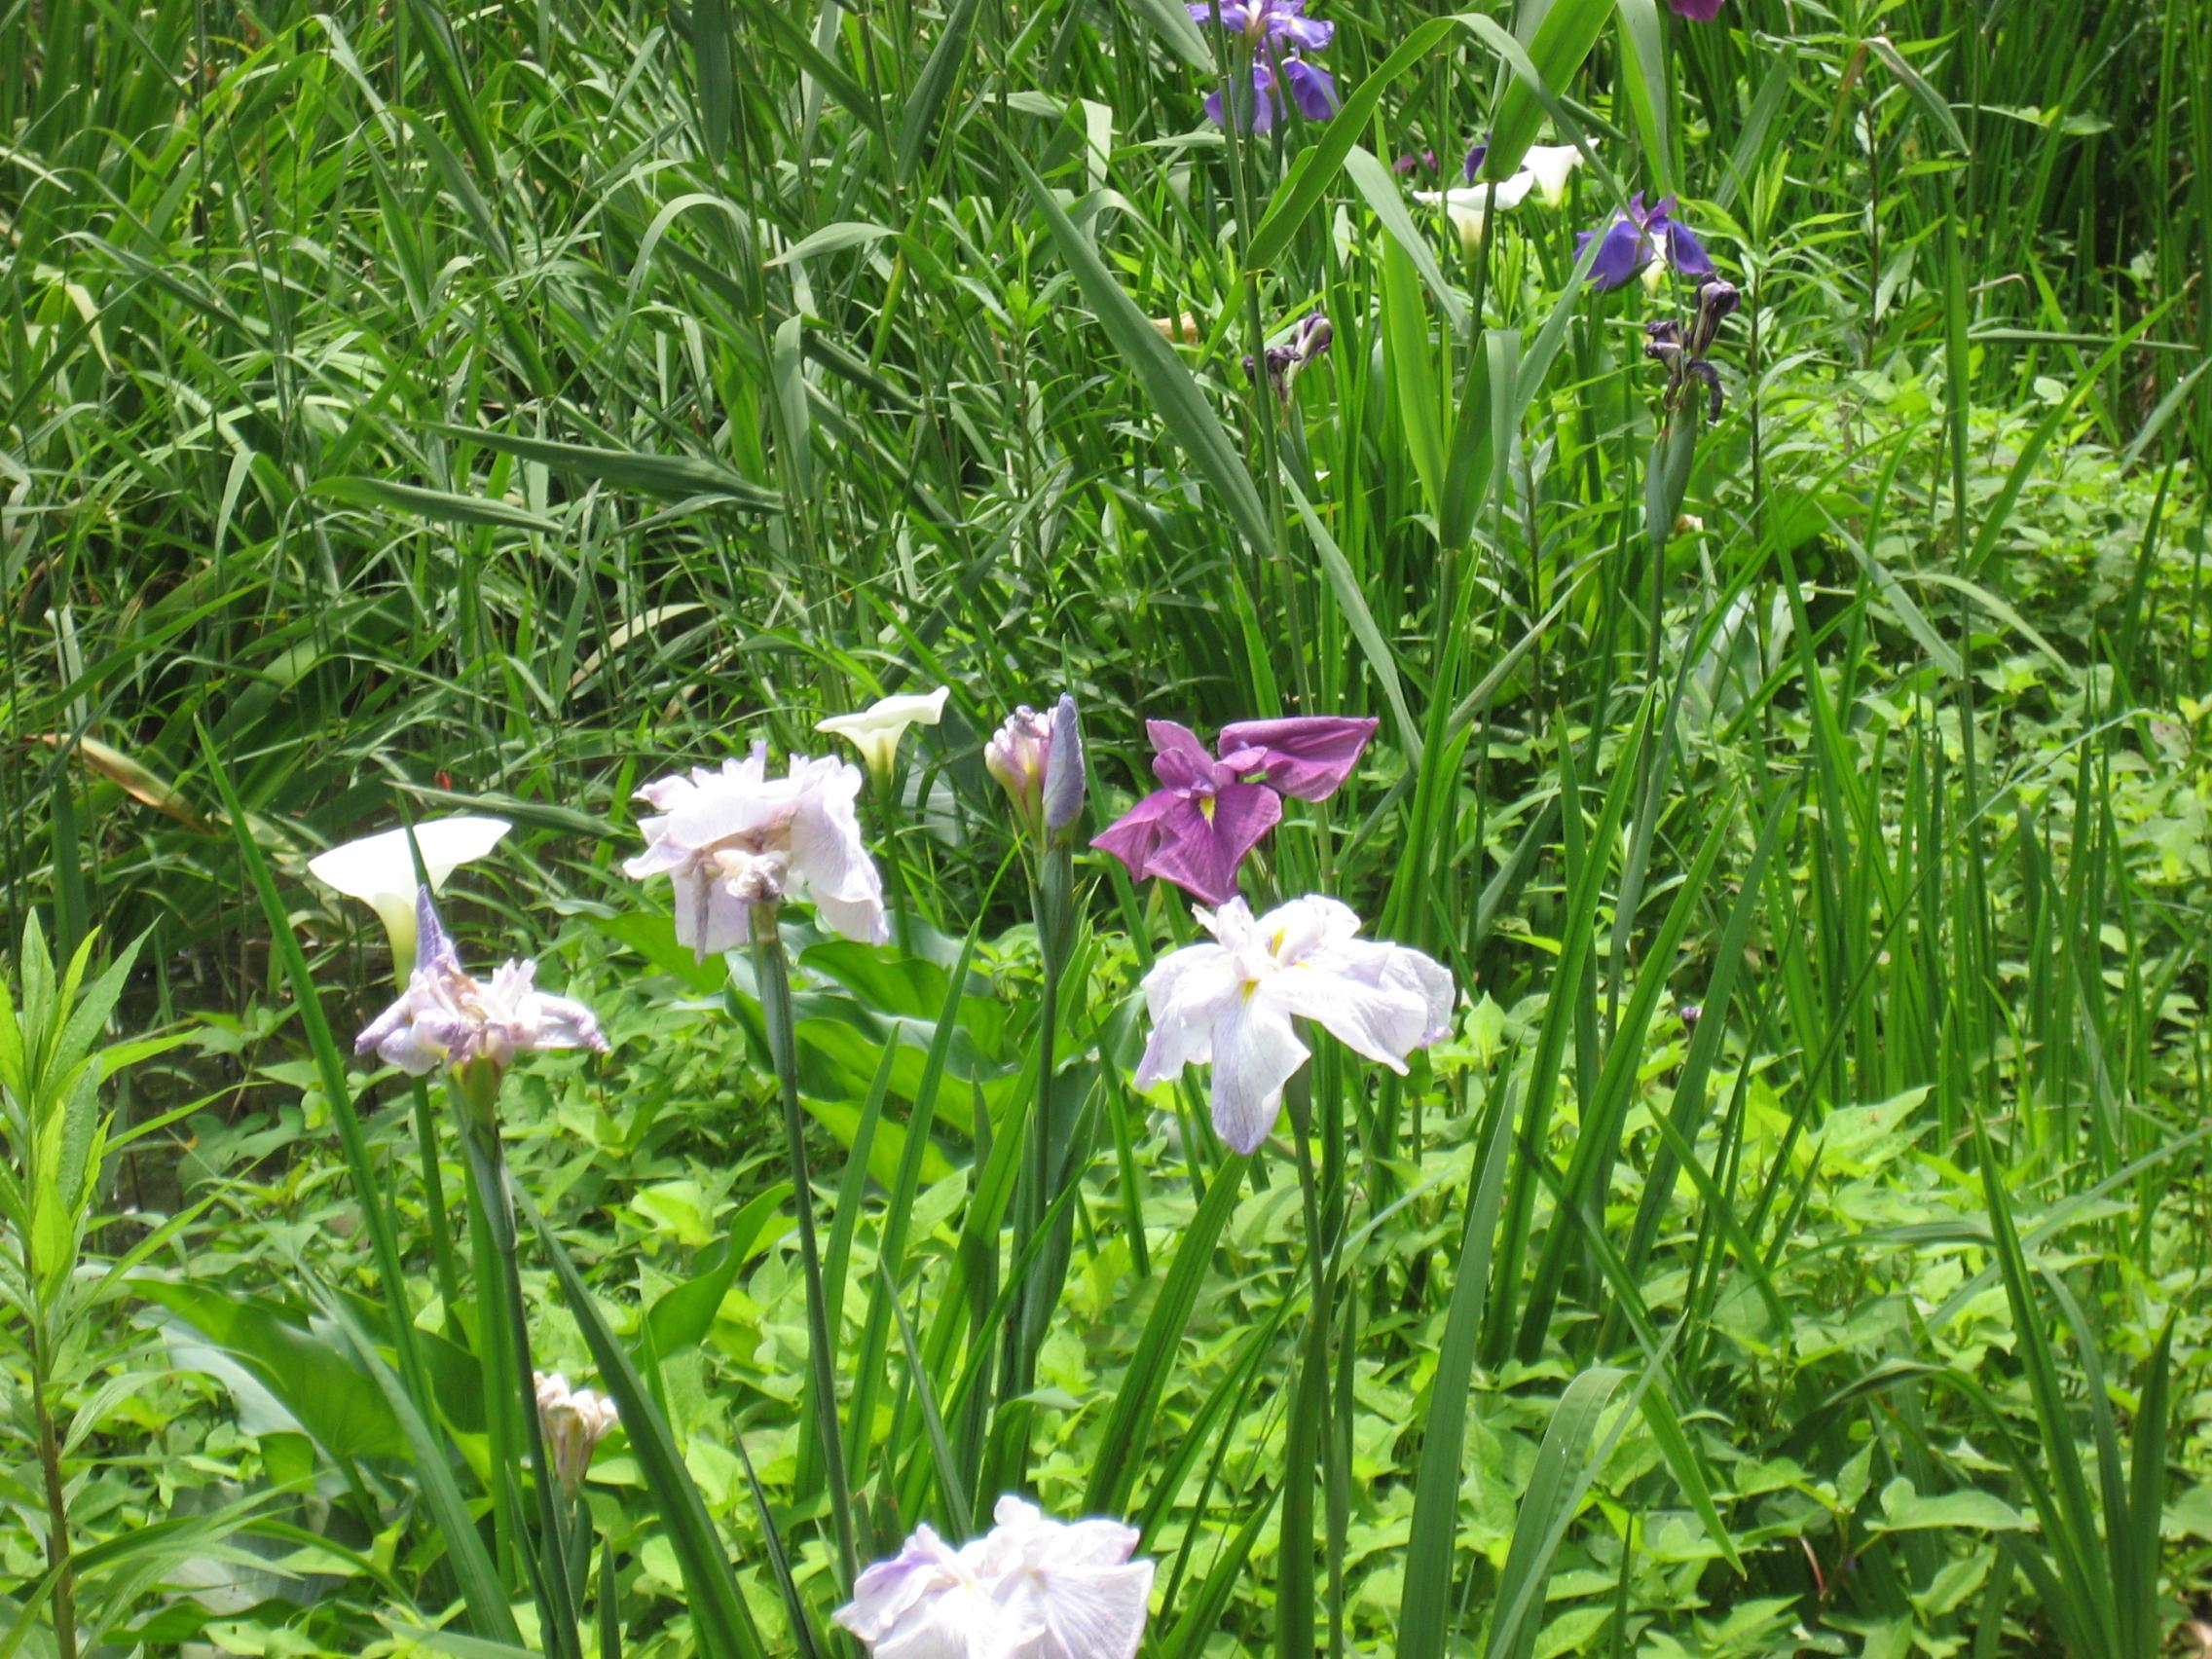 毎年5月下旬には、色の鮮やかなショウブが咲き、私たちの目を楽しませてくれます。